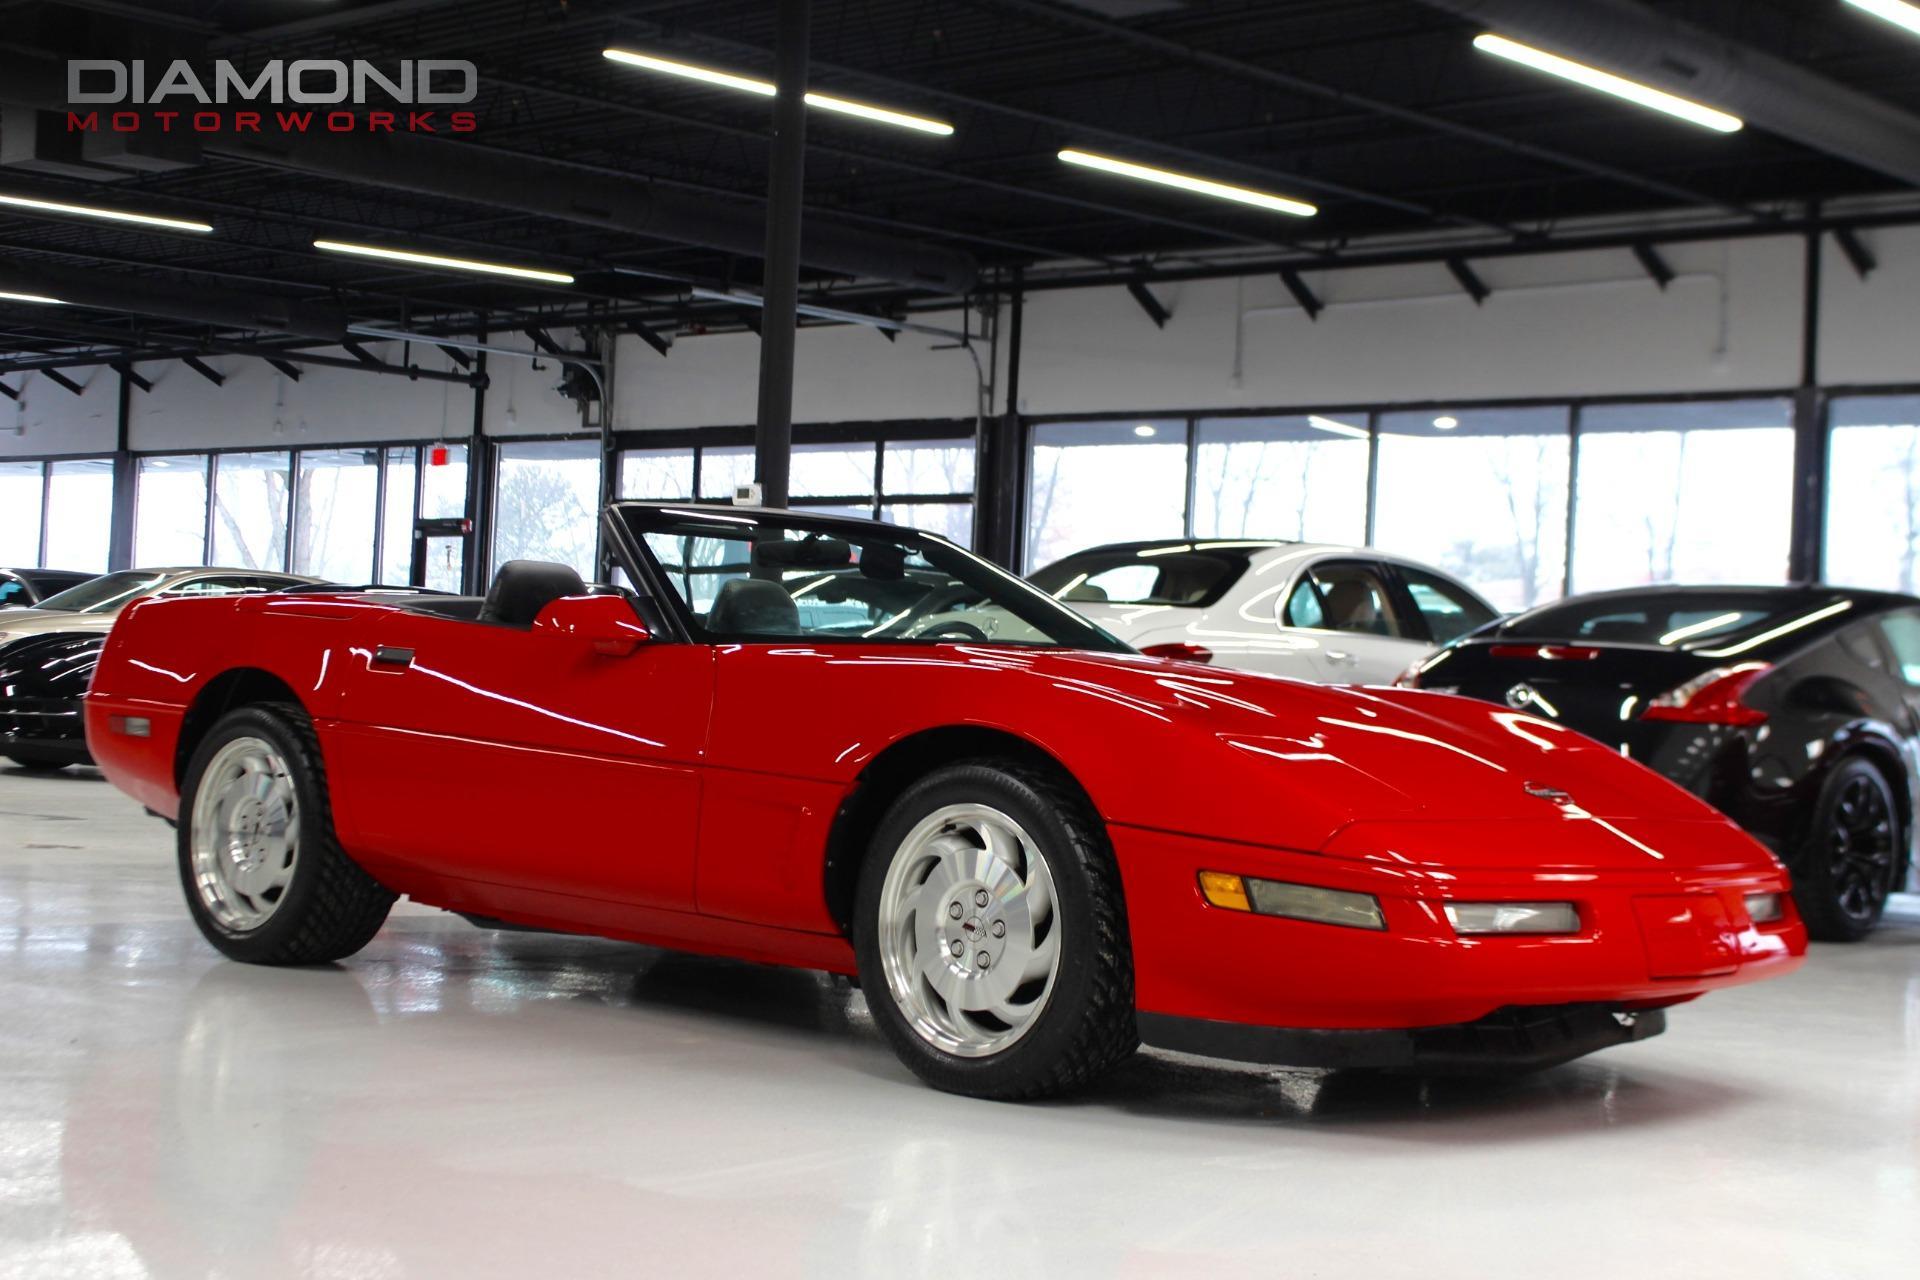 1996 chevrolet corvette 2dr convertible stock 111022 for for Tilting motor works dealers